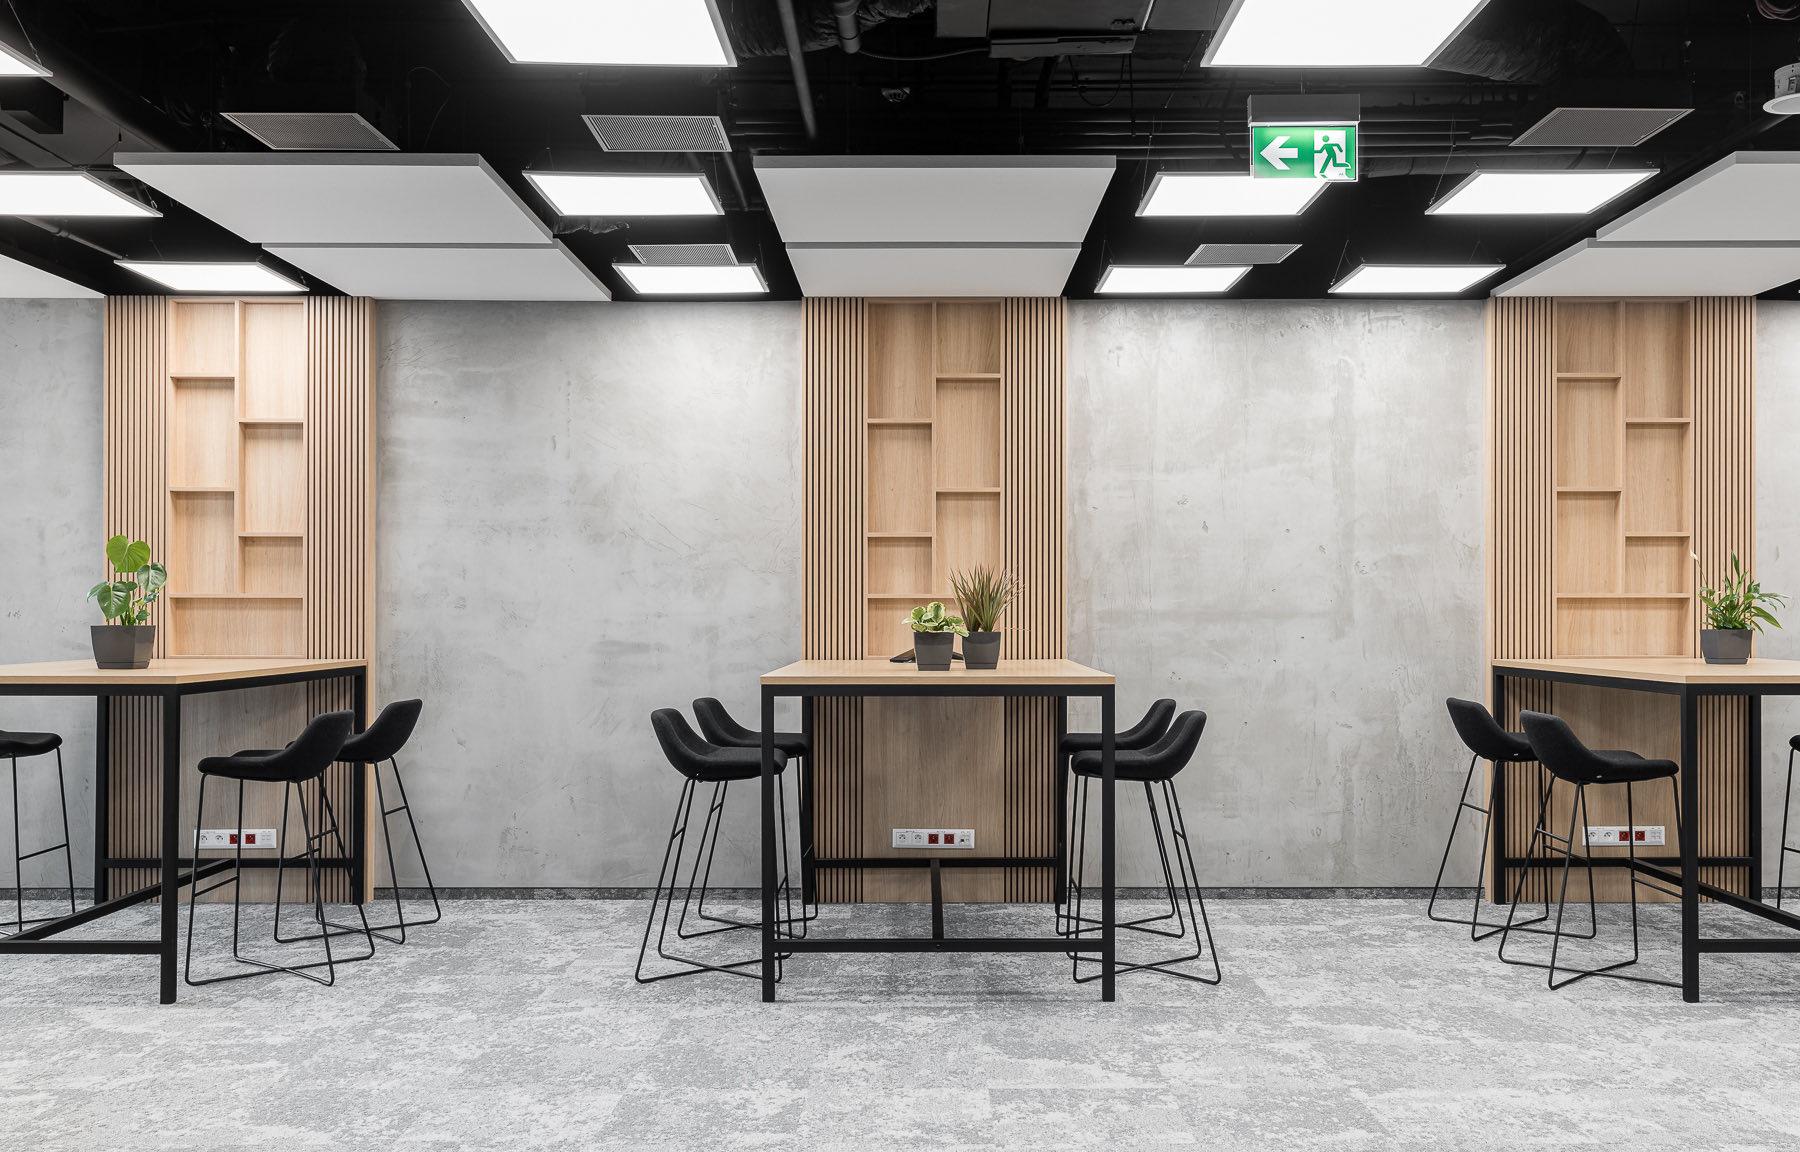 chep-polska-office-5